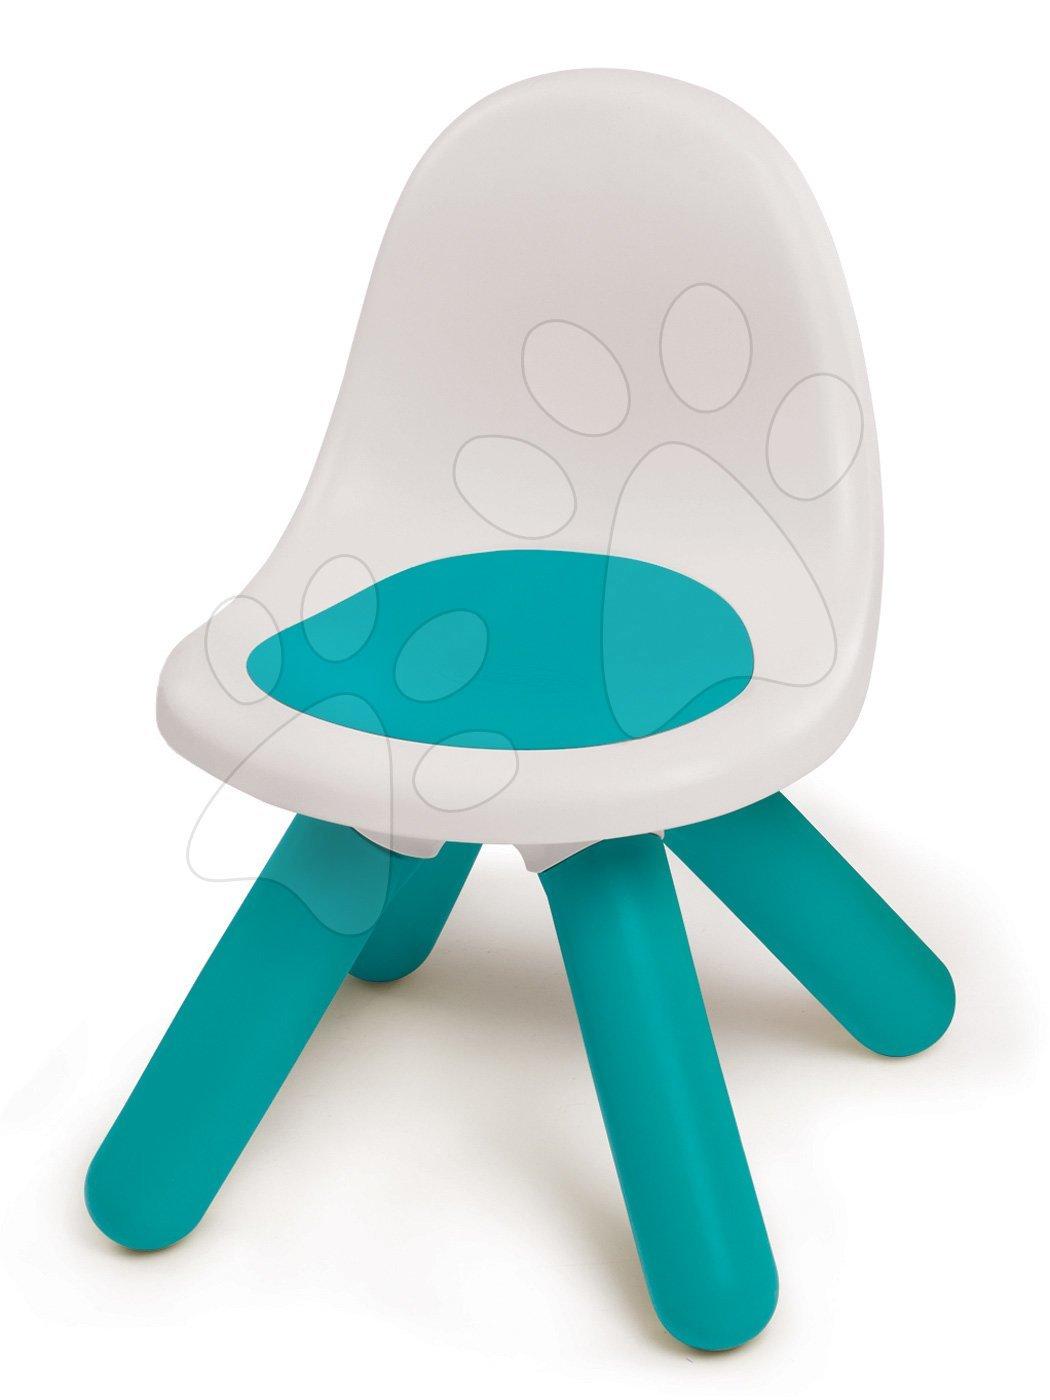 Židle pro děti KidChair Smoby modrá s UV filtrem nosnost 50 kg výška sedadla 27 cm od 18 měsíců